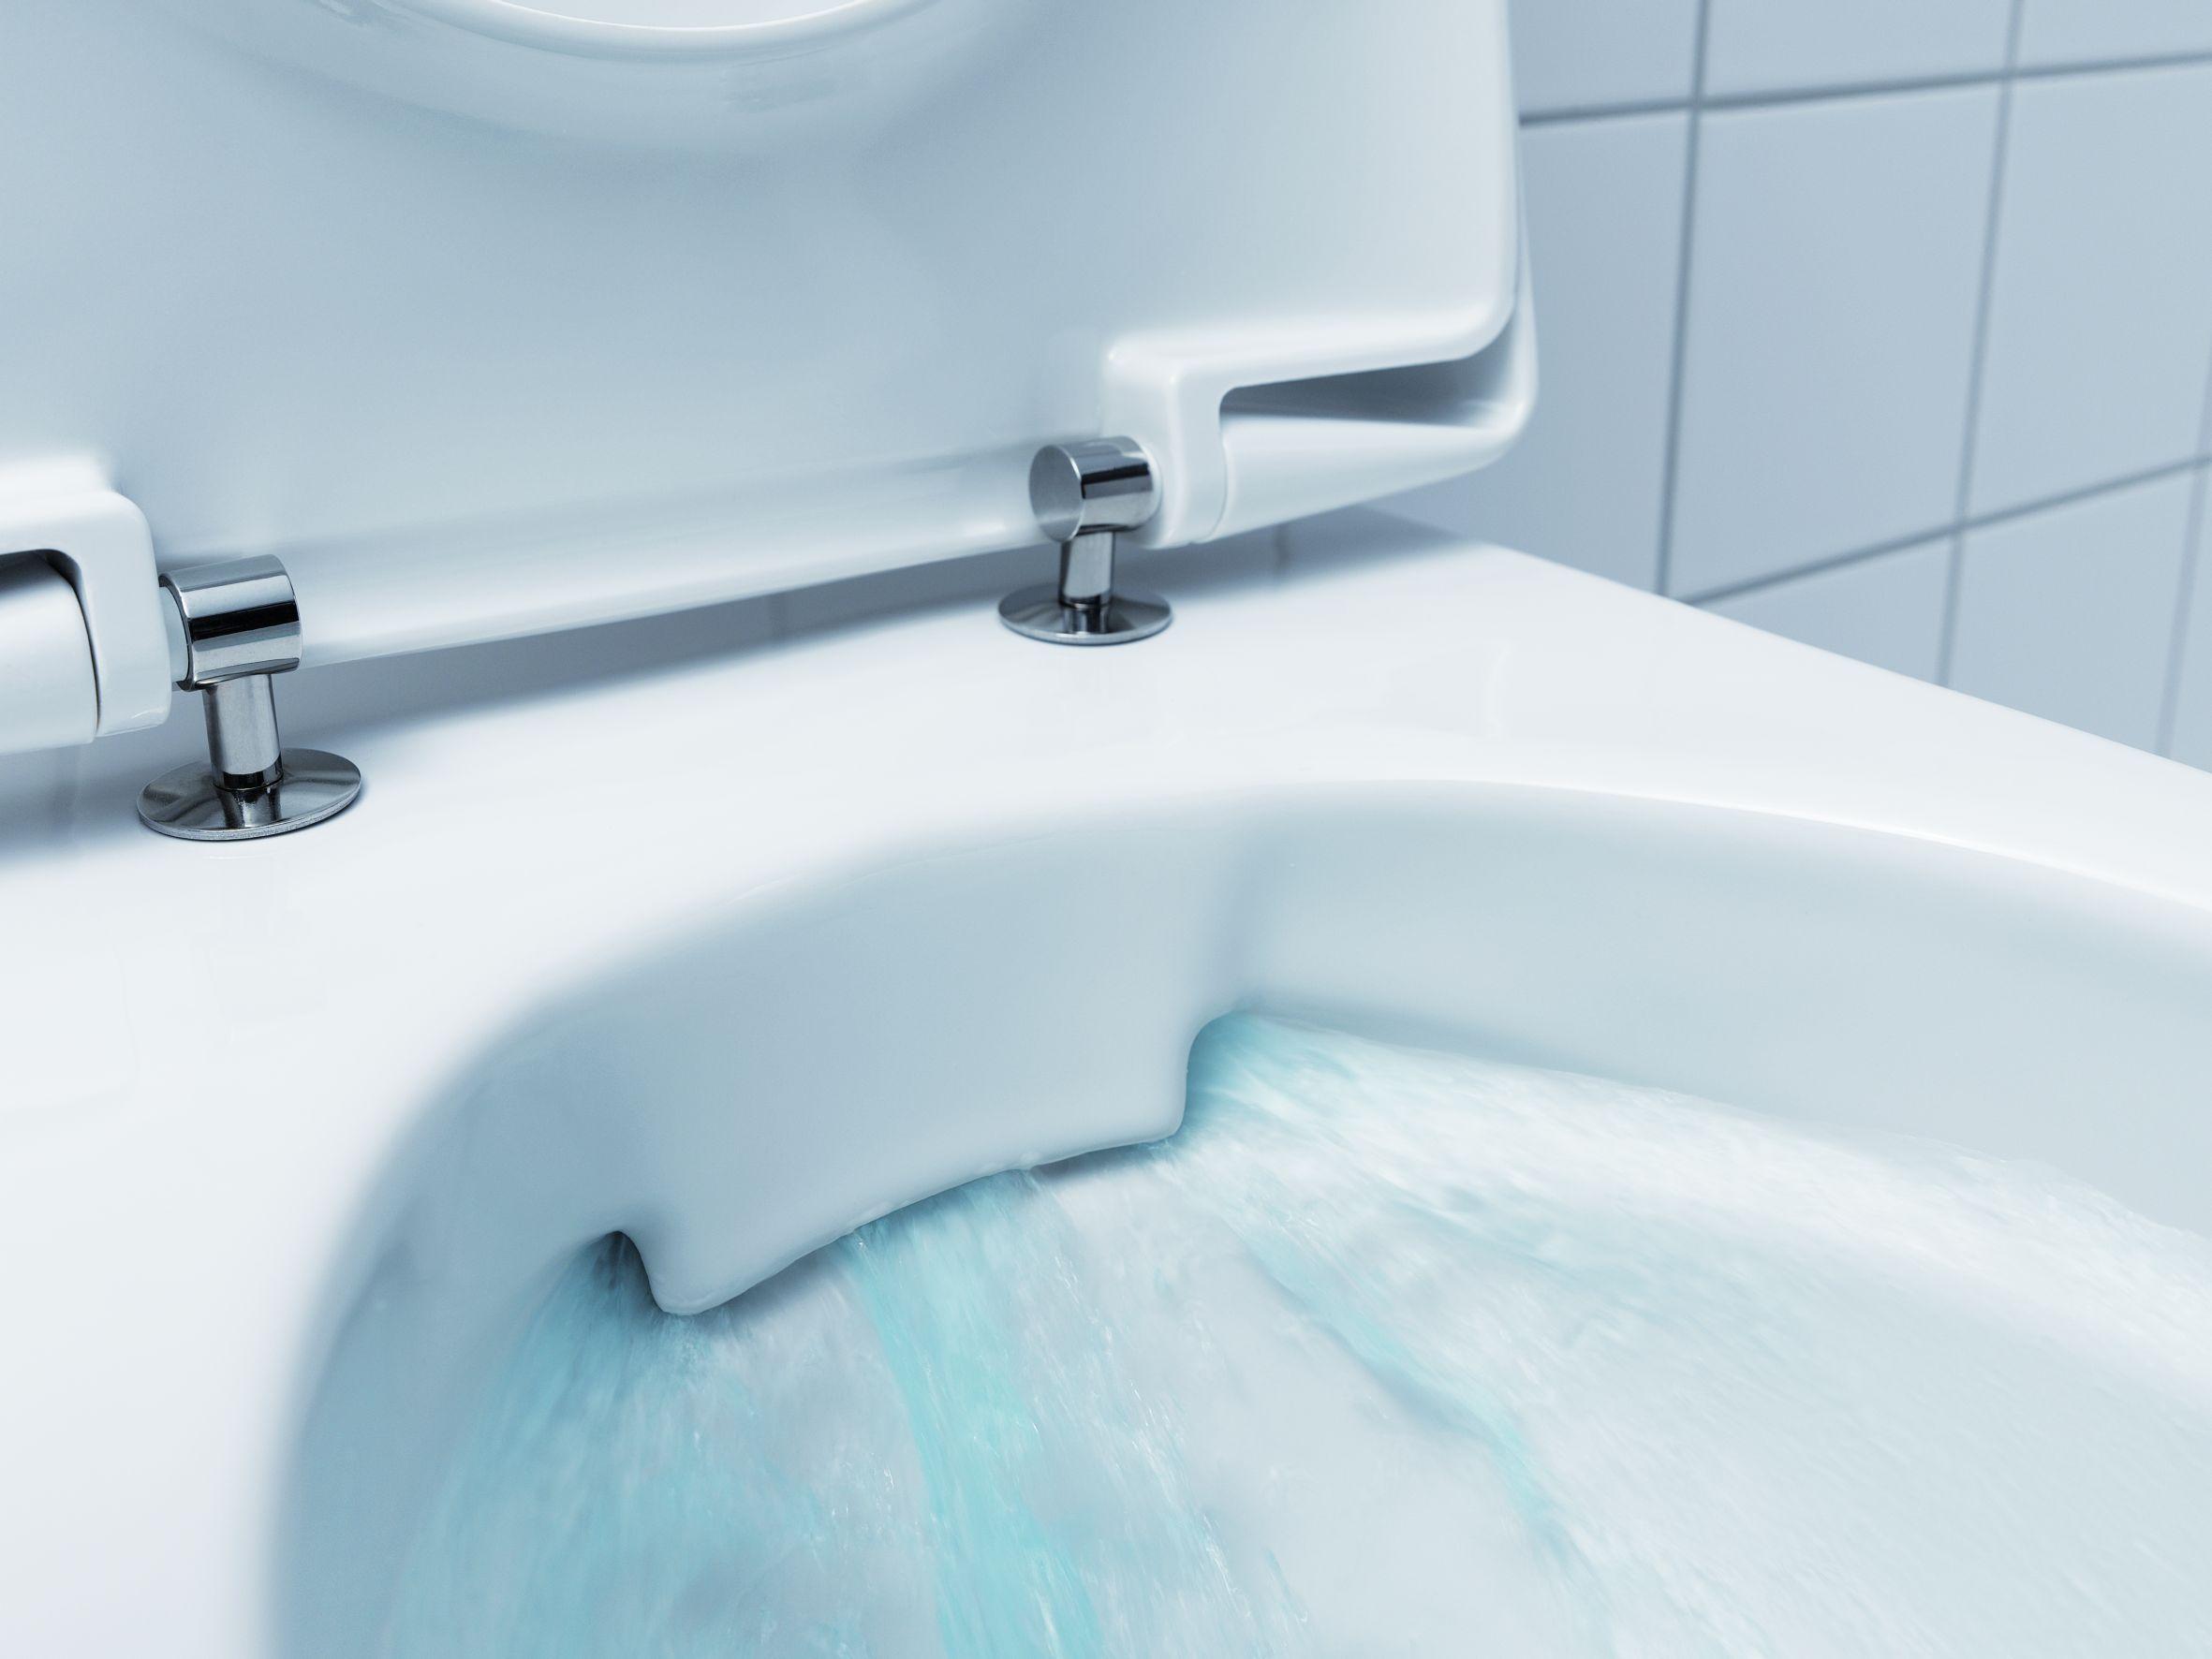 Comment Installer Toilette Suspendu comment changer un abattant de wc suspendu ? - les toilettes